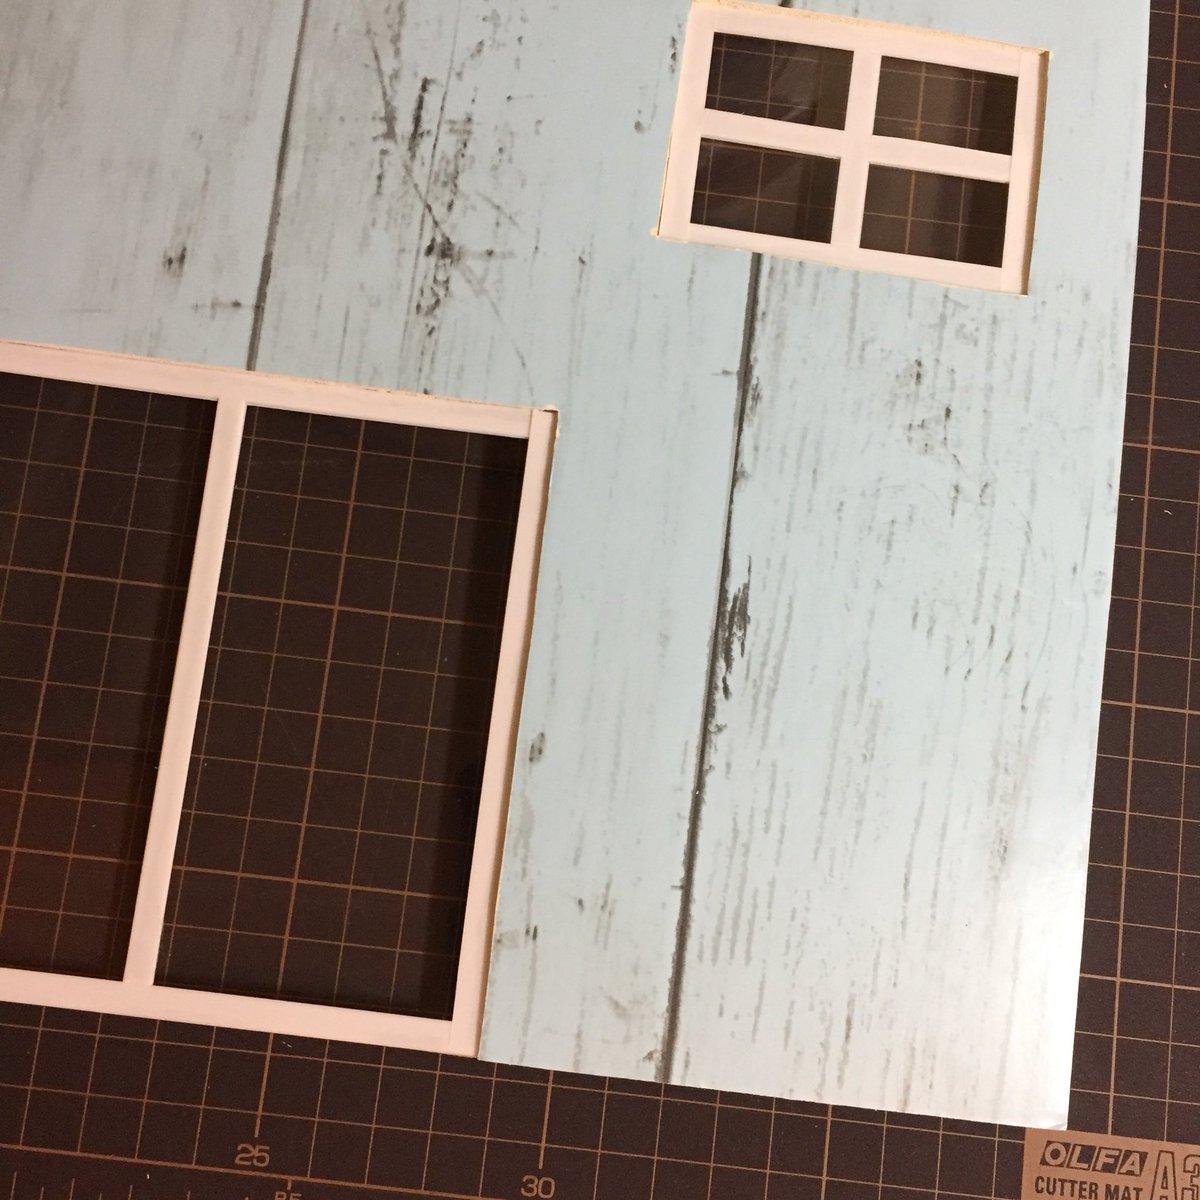 test ツイッターメディア - とりあえず反ってるままだけど どうにもならないので…?? プラ板で窓作って取付完了です 初めてにしては良しとす(笑) …って組立して大丈夫か?(^_^;) #手作り #DIY #ドールハウス #DAISO #カラーボード #塗装 #リメイクシート #プラ板 #窓 https://t.co/8LtZokrAmw